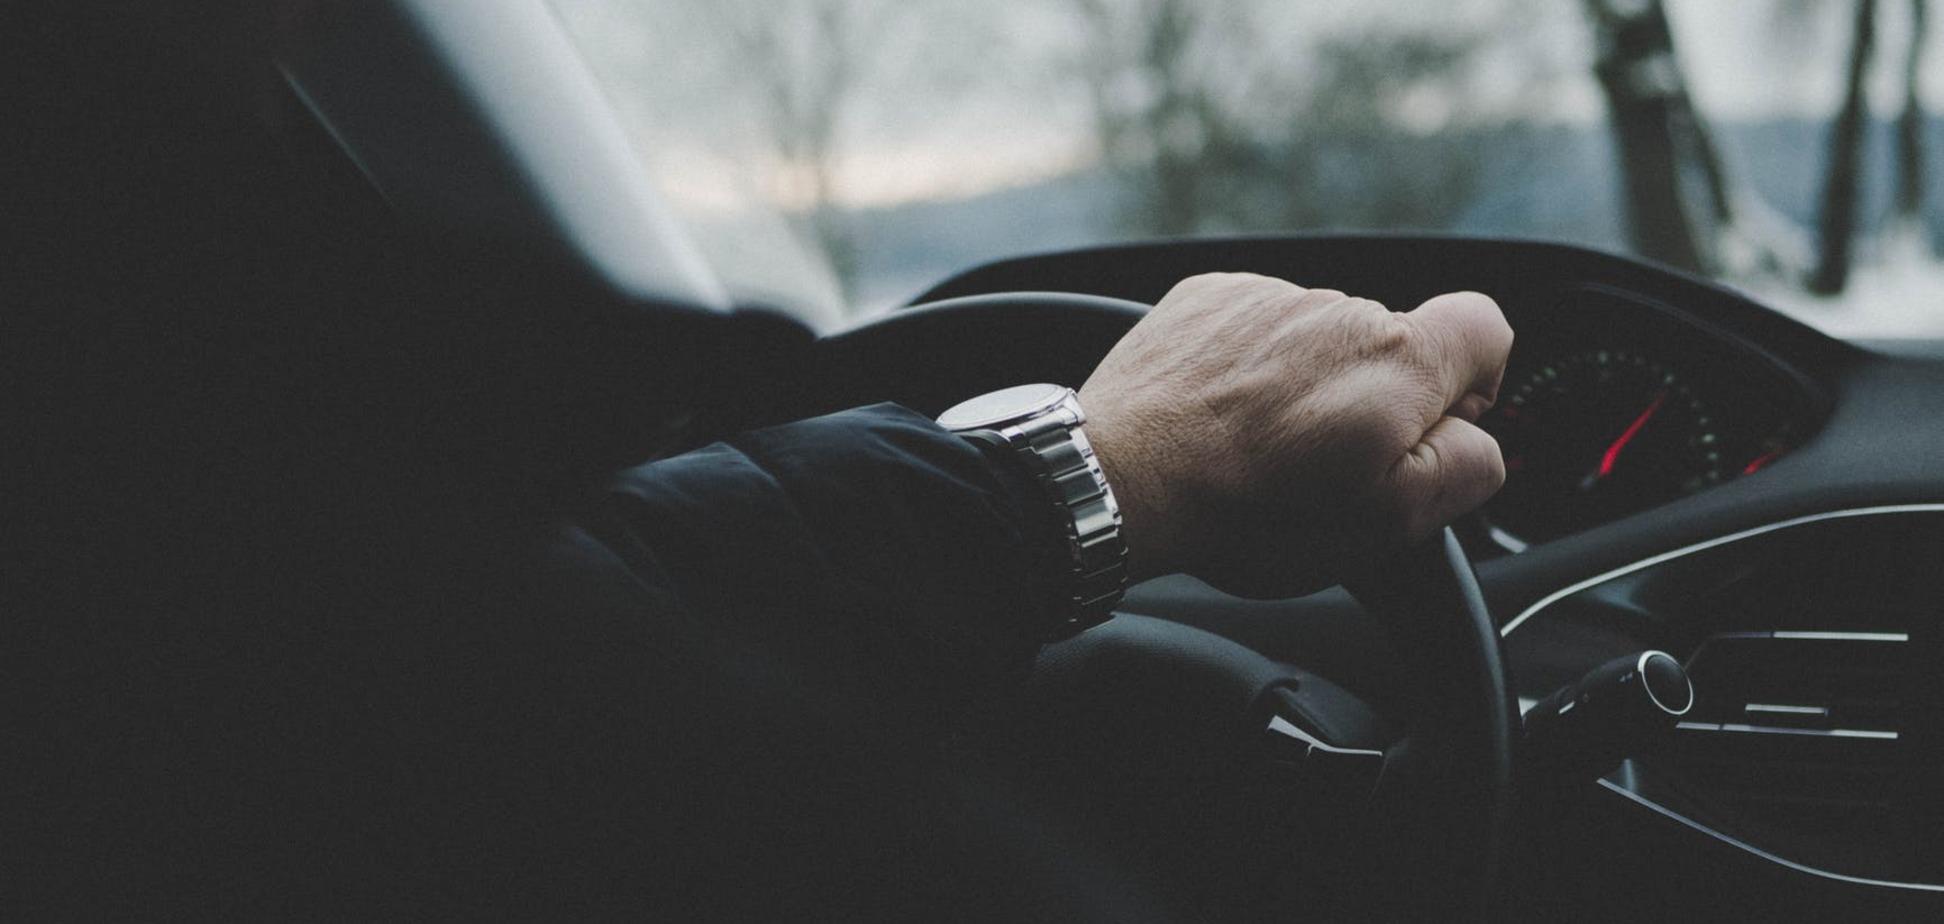 Банкір в таксі: особистий досвід